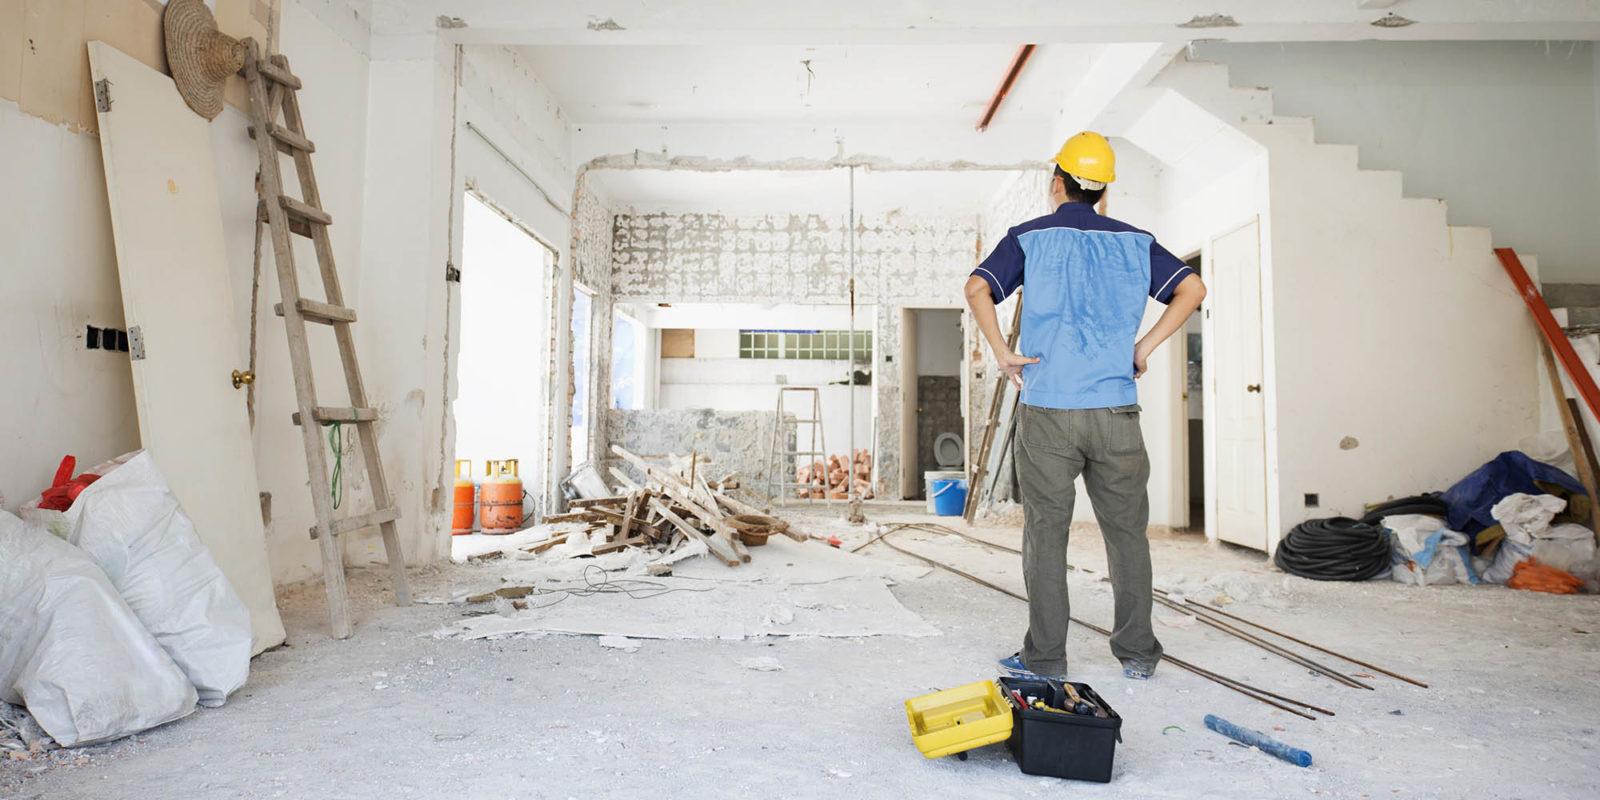 thợ sửa chữa nhà tại quận 7